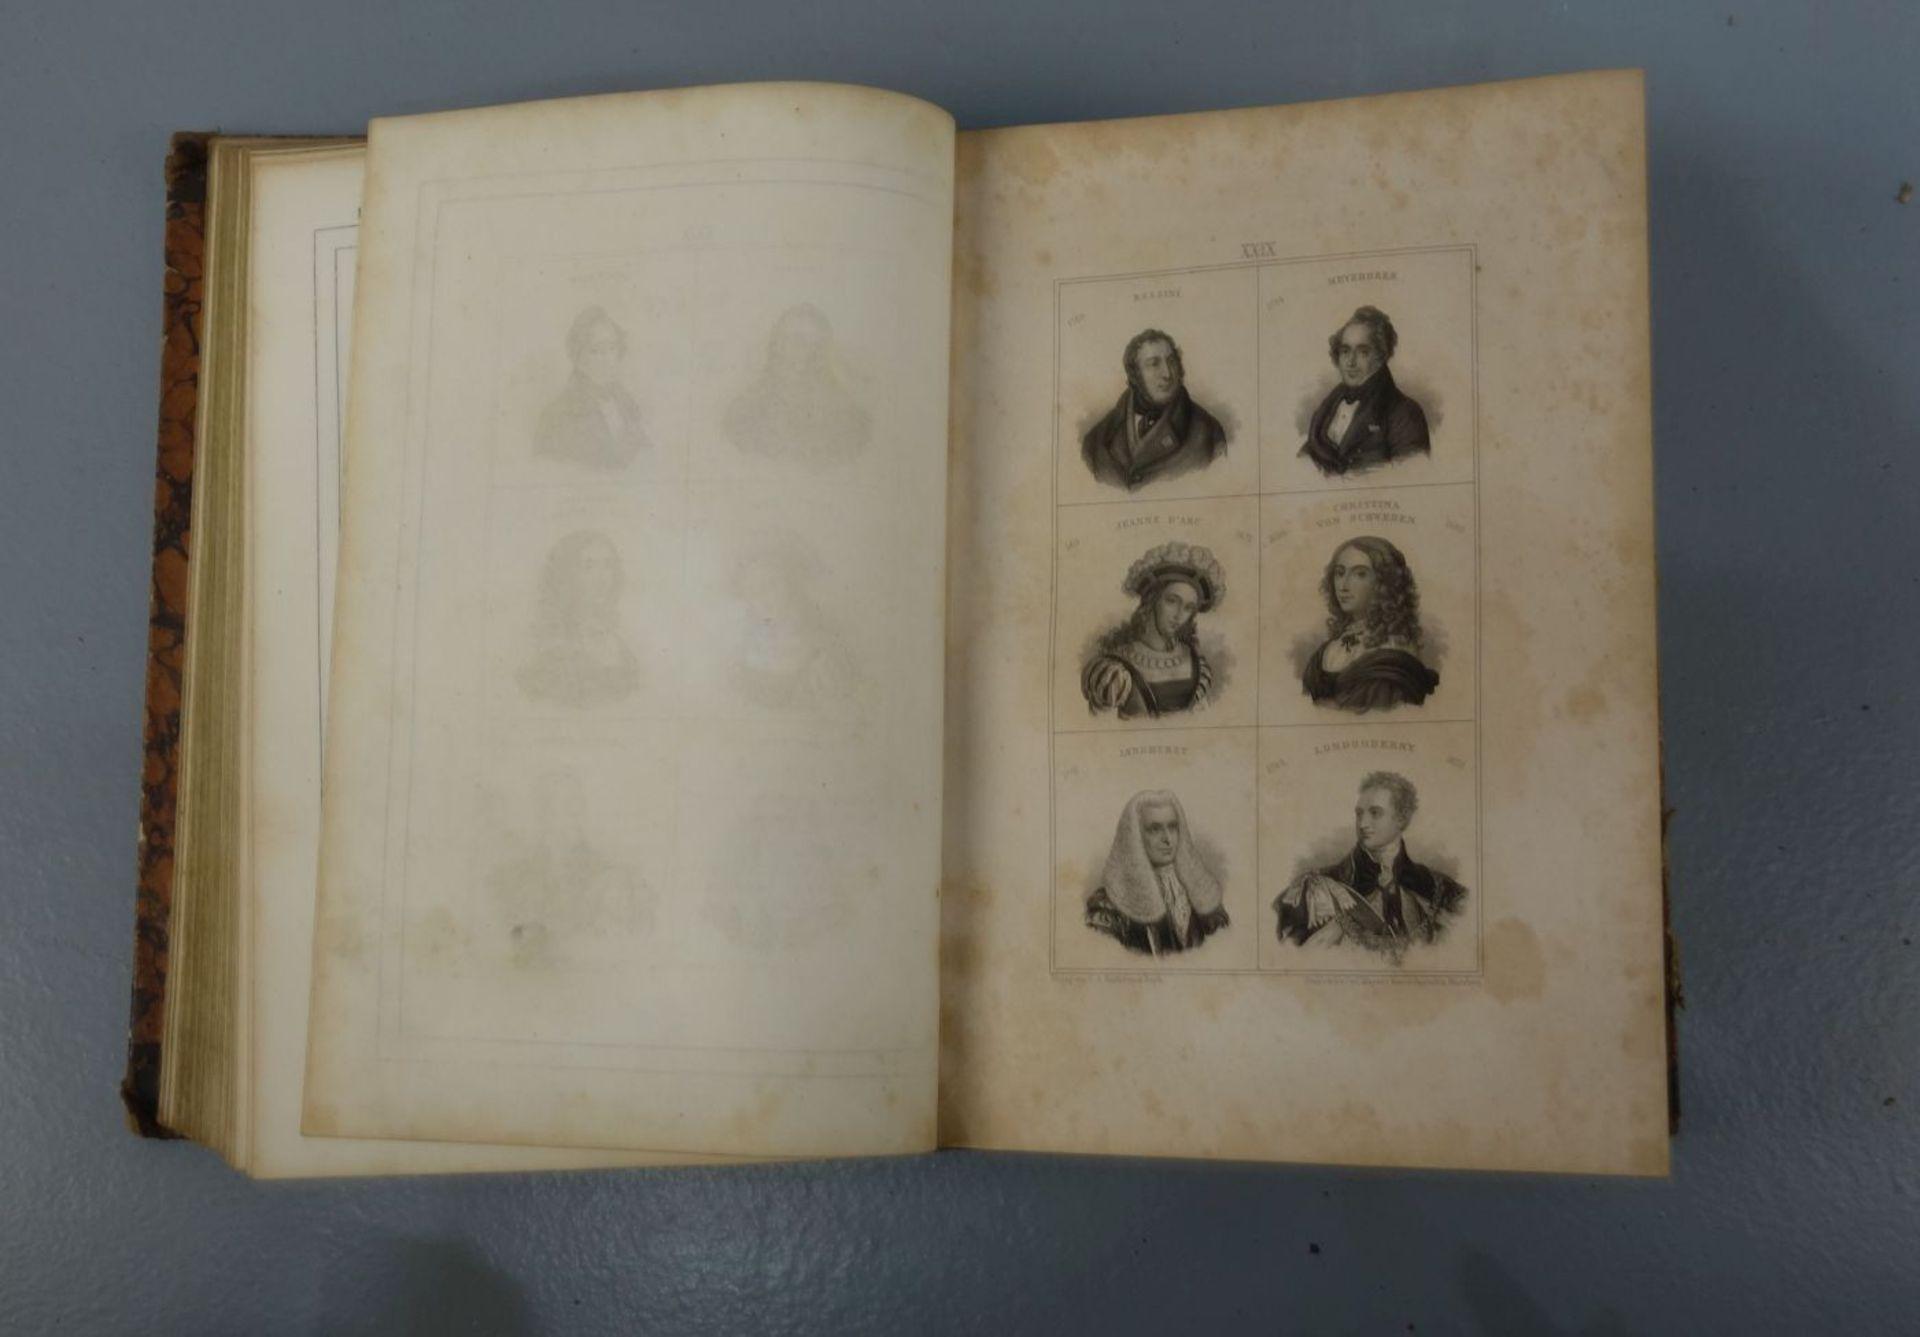 KONVOLUT BÜCHER VON 1842-1844: Der neue Plutarch (Bd. 1-3) - Image 4 of 4